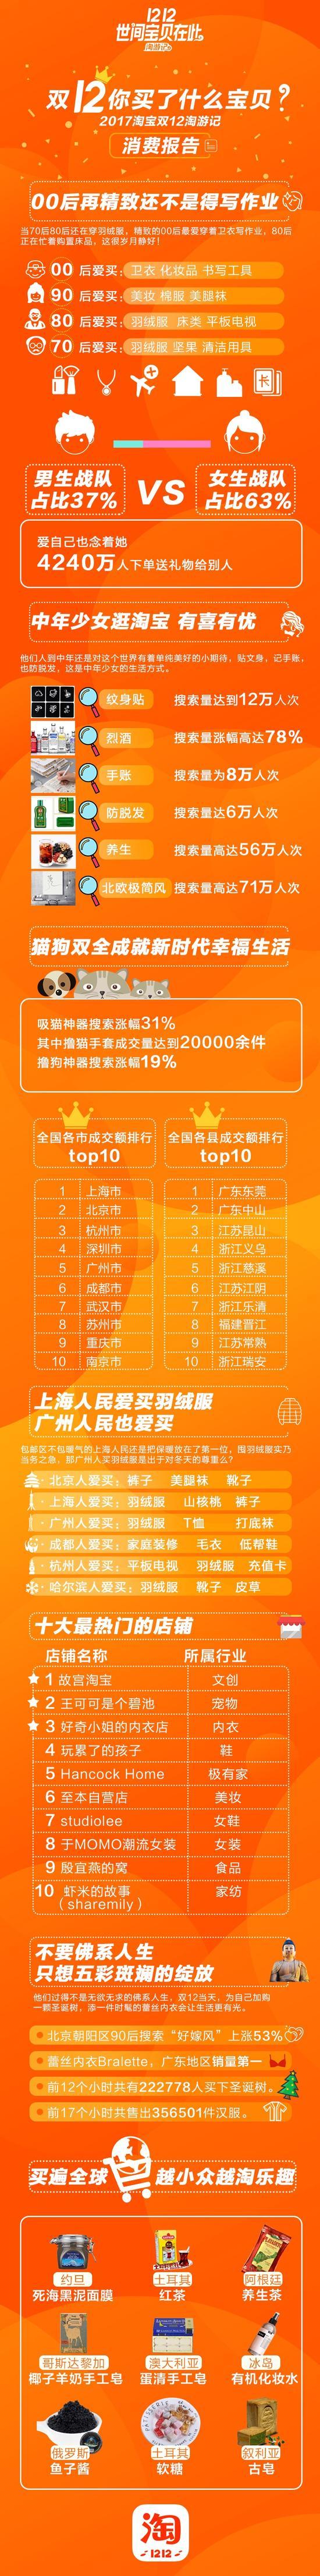 双12大数据揭秘:城市榜单杭州第三最爱买平板电视